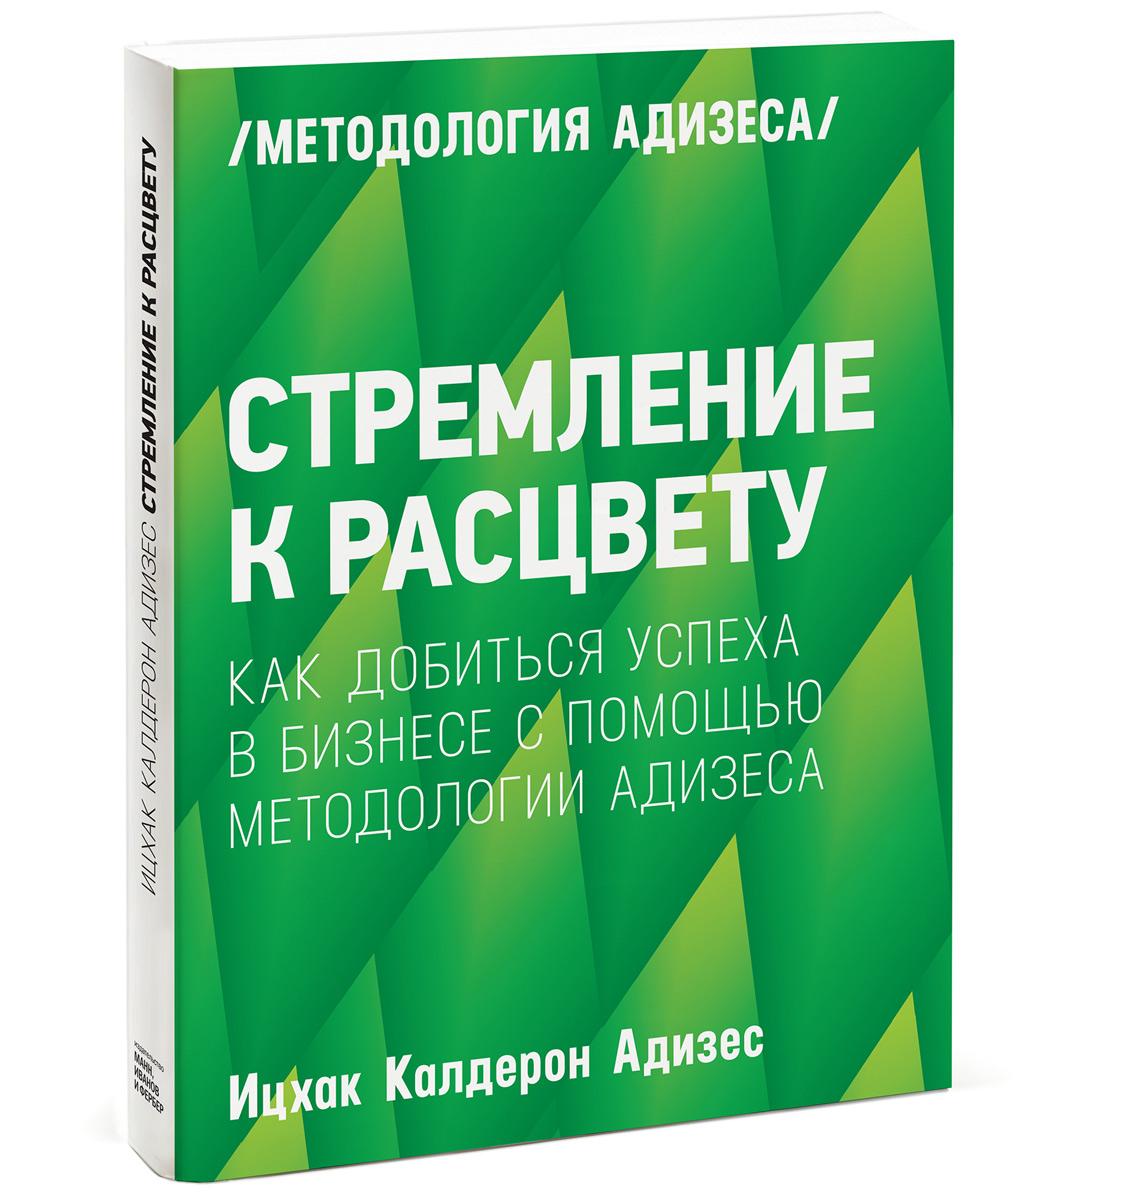 Стремление к расцвету. Как добиться успеха в бизнесе с помощью методологии Адизеса. Ицхак Калдерон Адизес